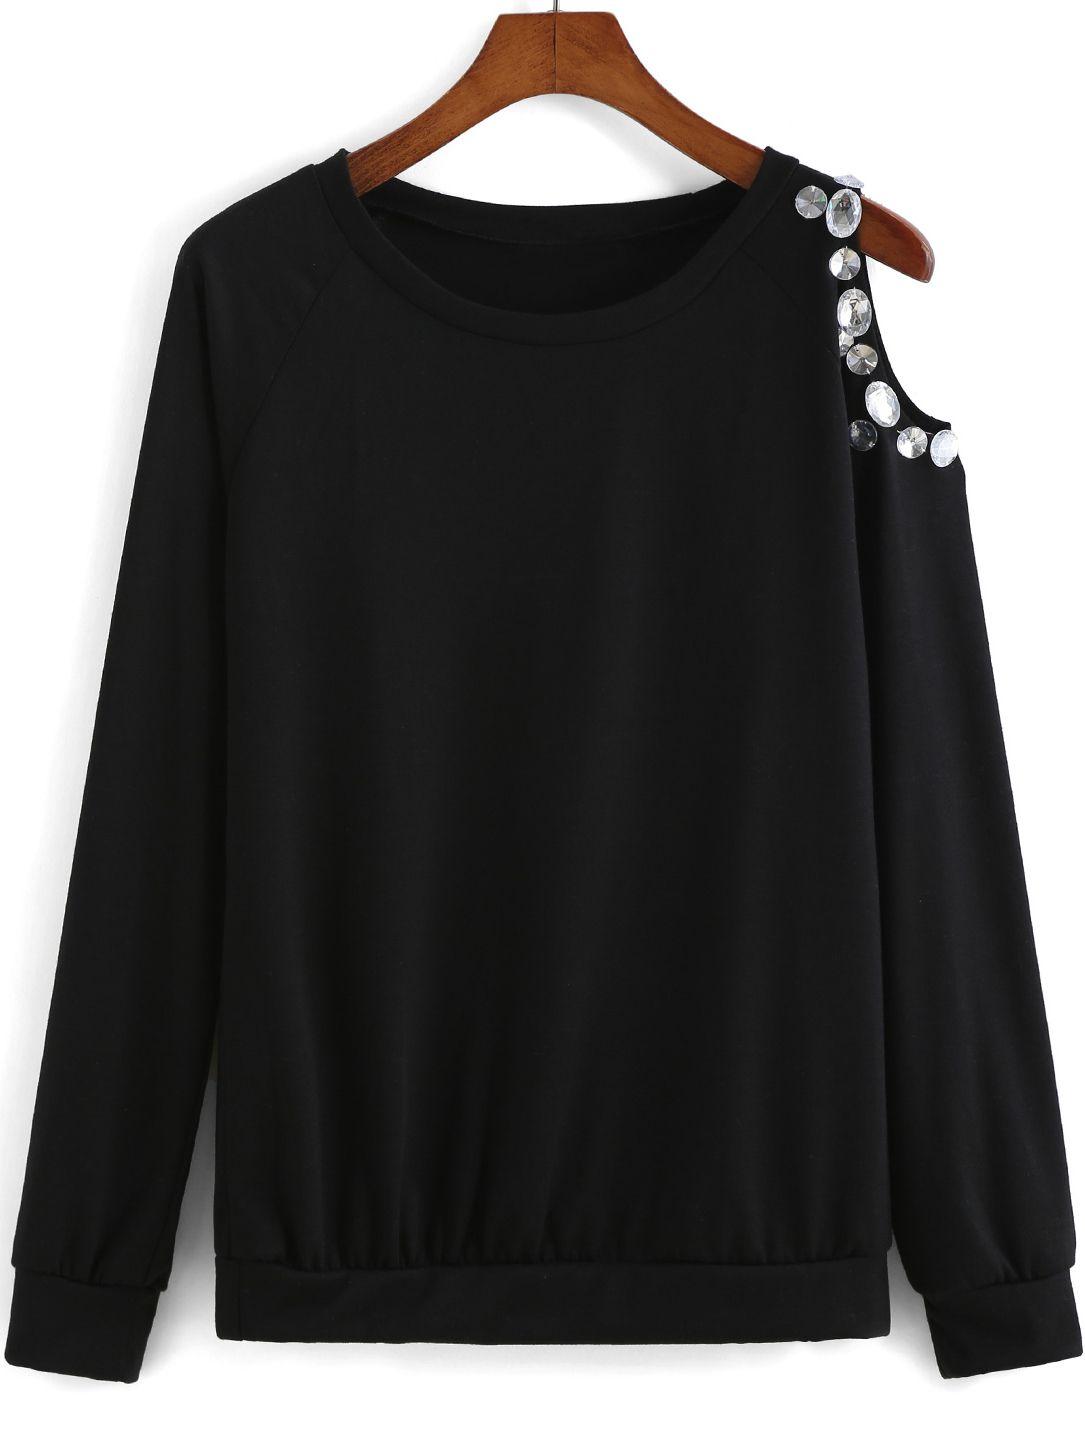 Black round neck oneshoulder rhinestone blouse outfits i want